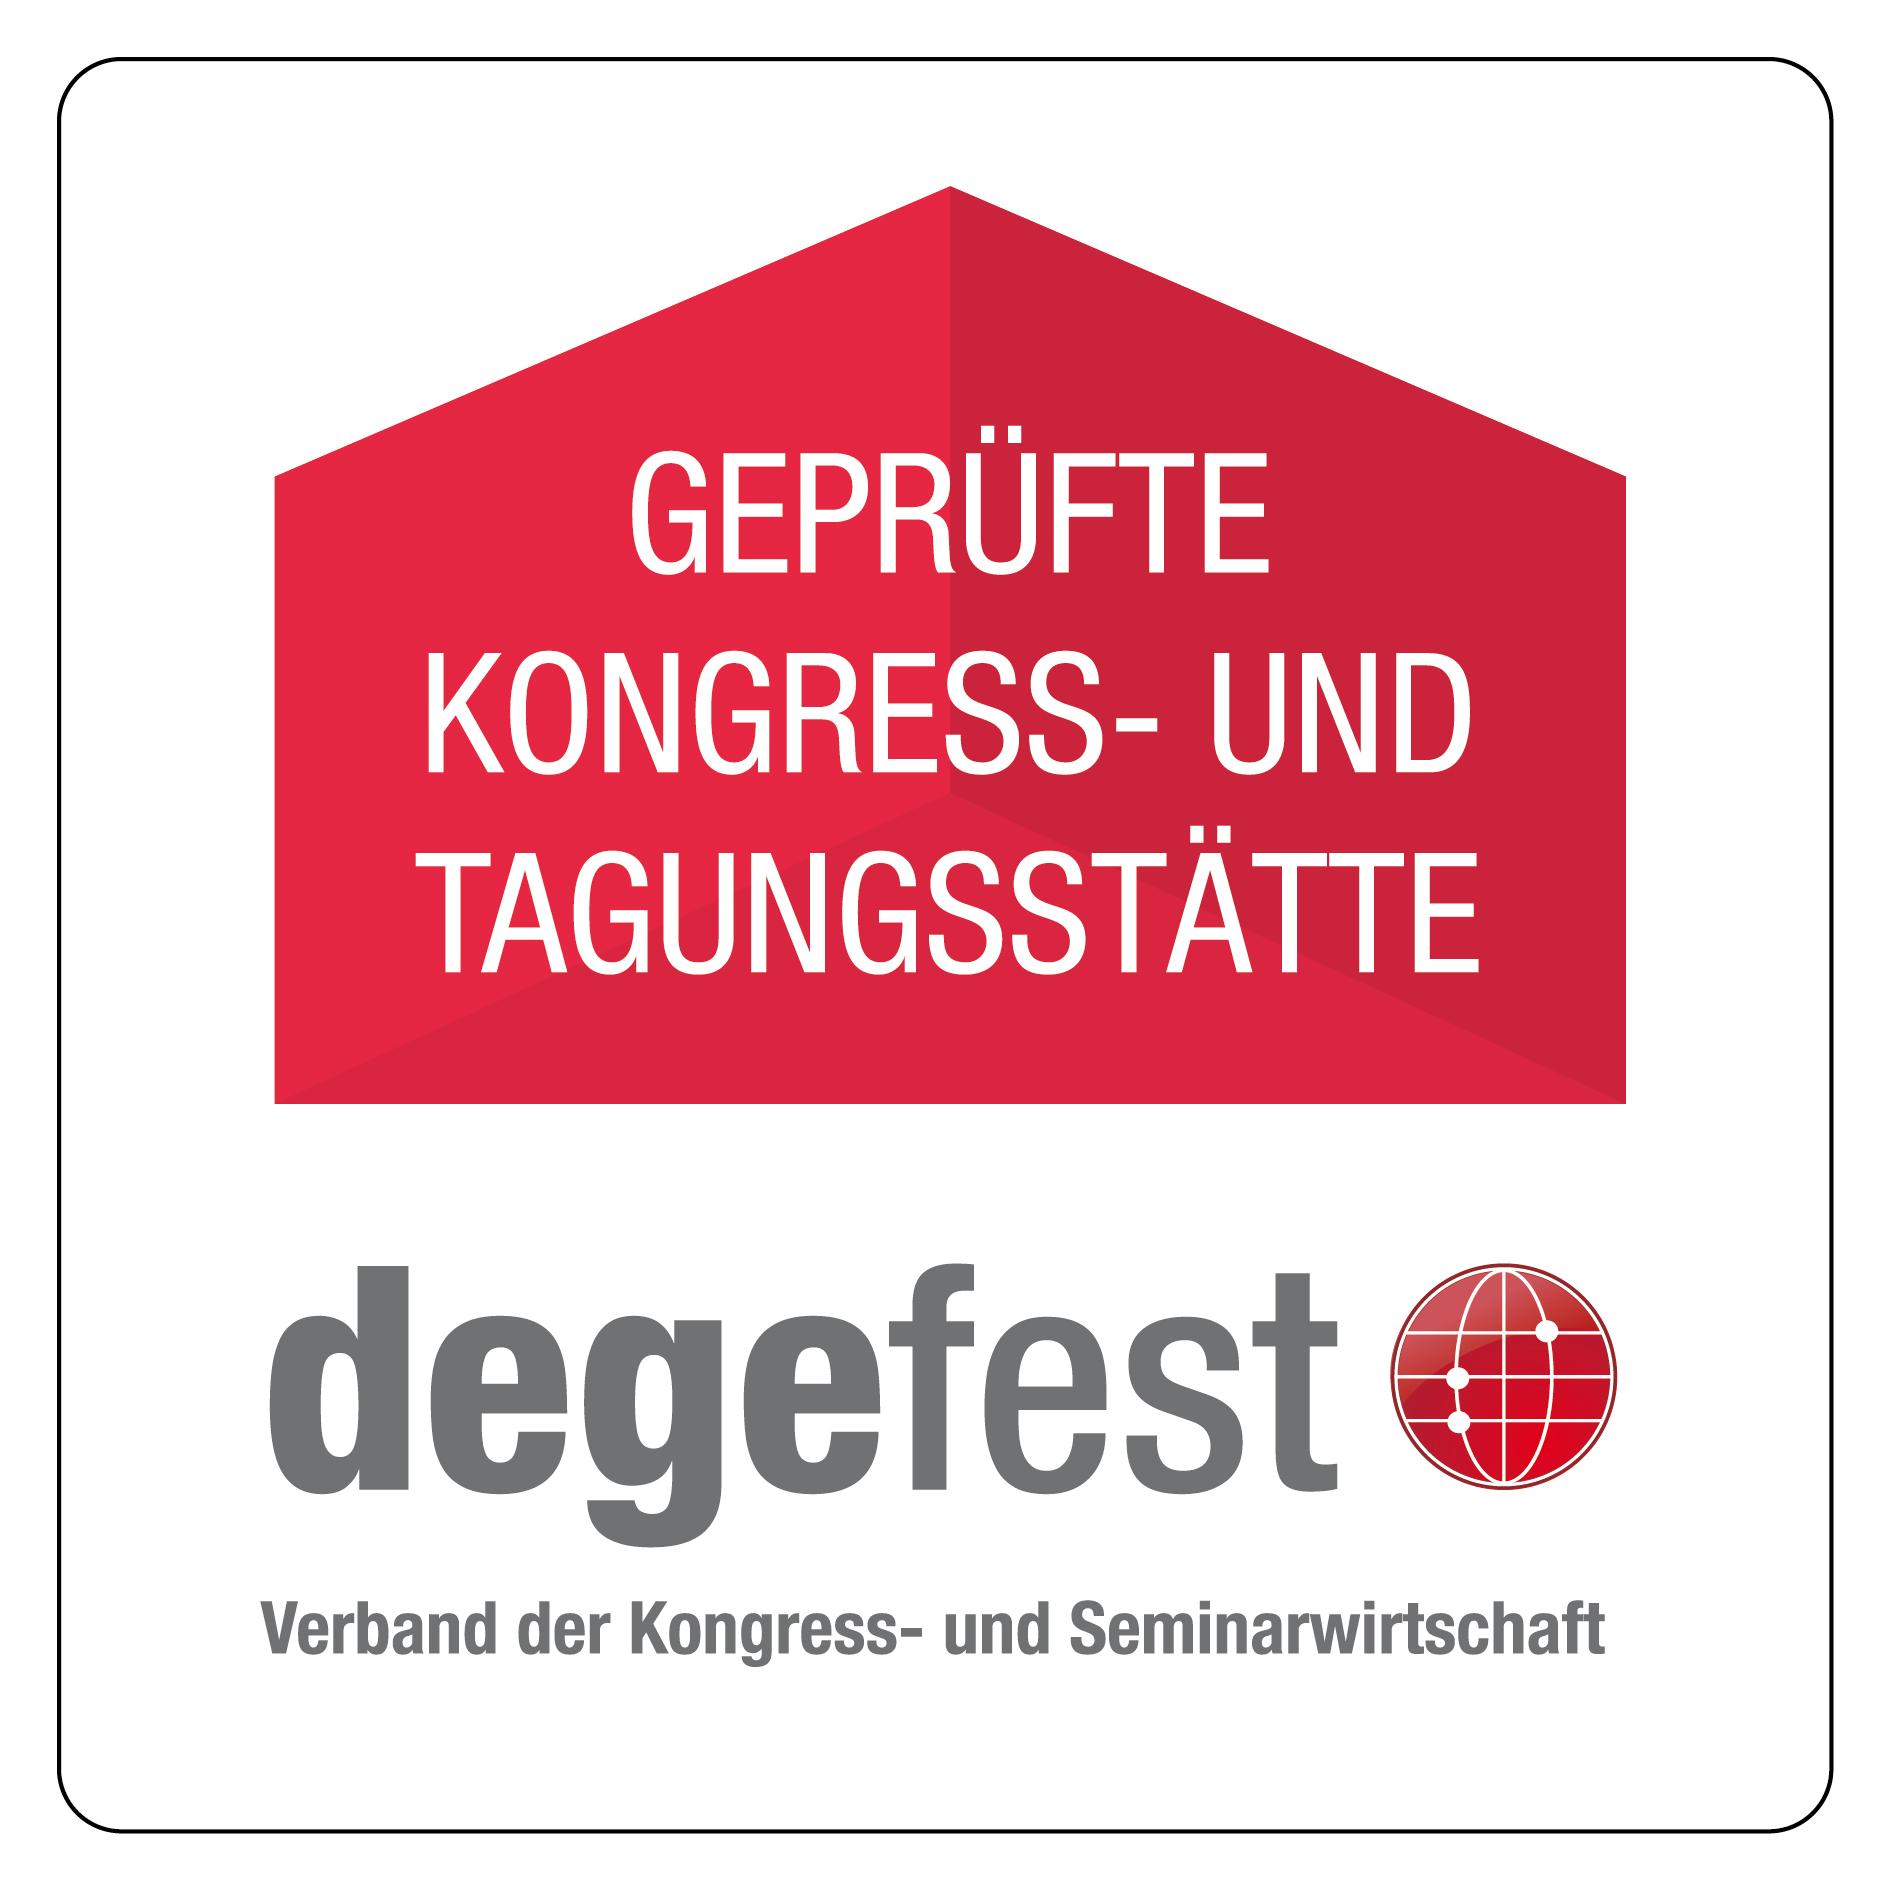 degefest-Siegel.jpg